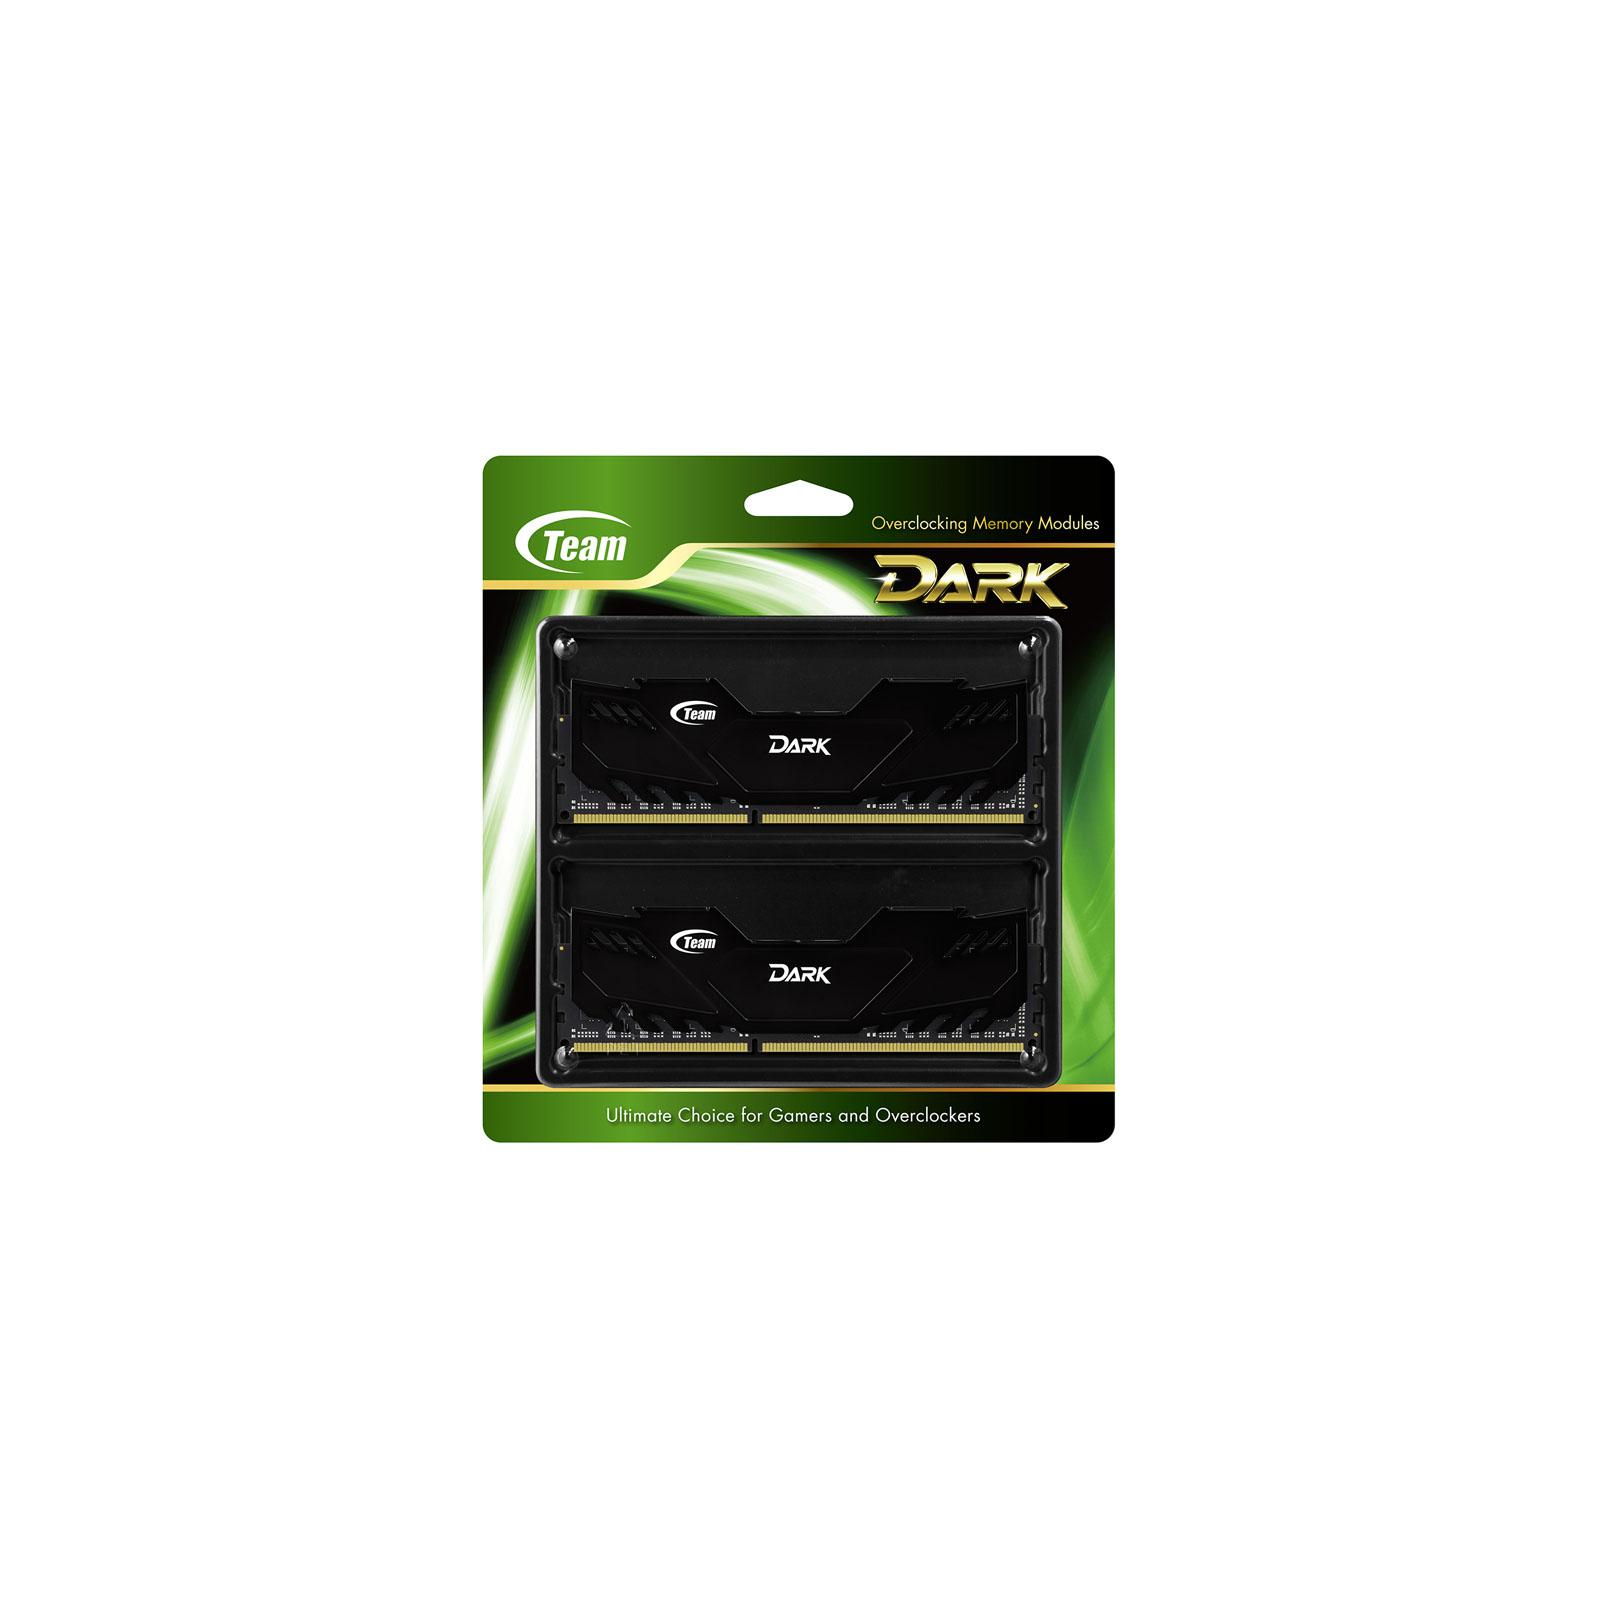 Модуль памяти для компьютера DDR4 16GB (2x8GB) 3000 MHz Dark Black Team (TDKED416G3000HC15ADC01) изображение 2